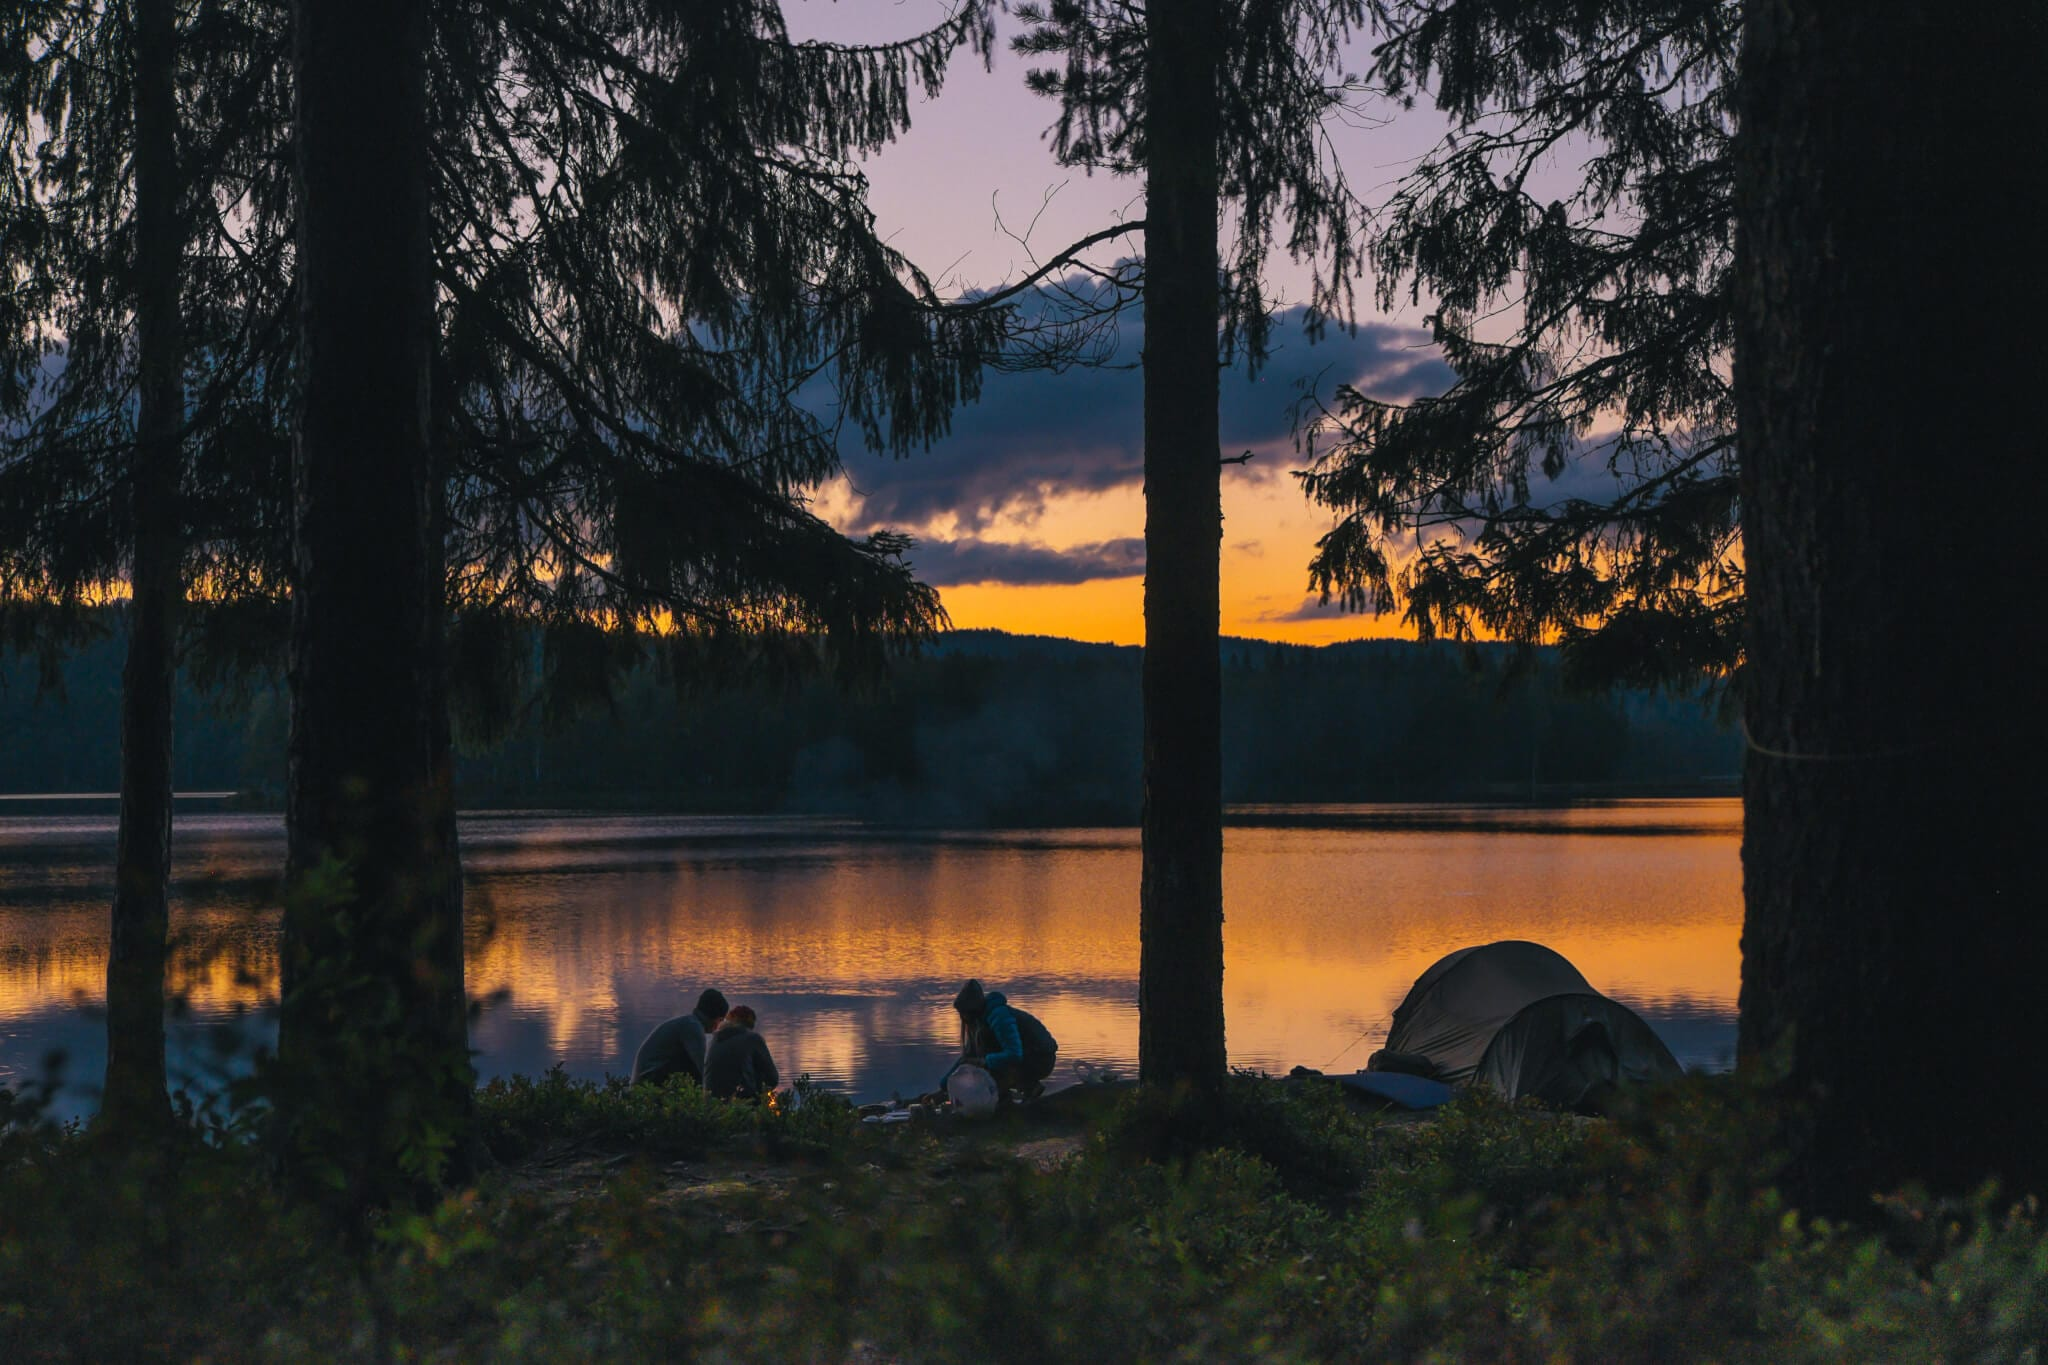 Jak wybrać odpowiedni namiot?